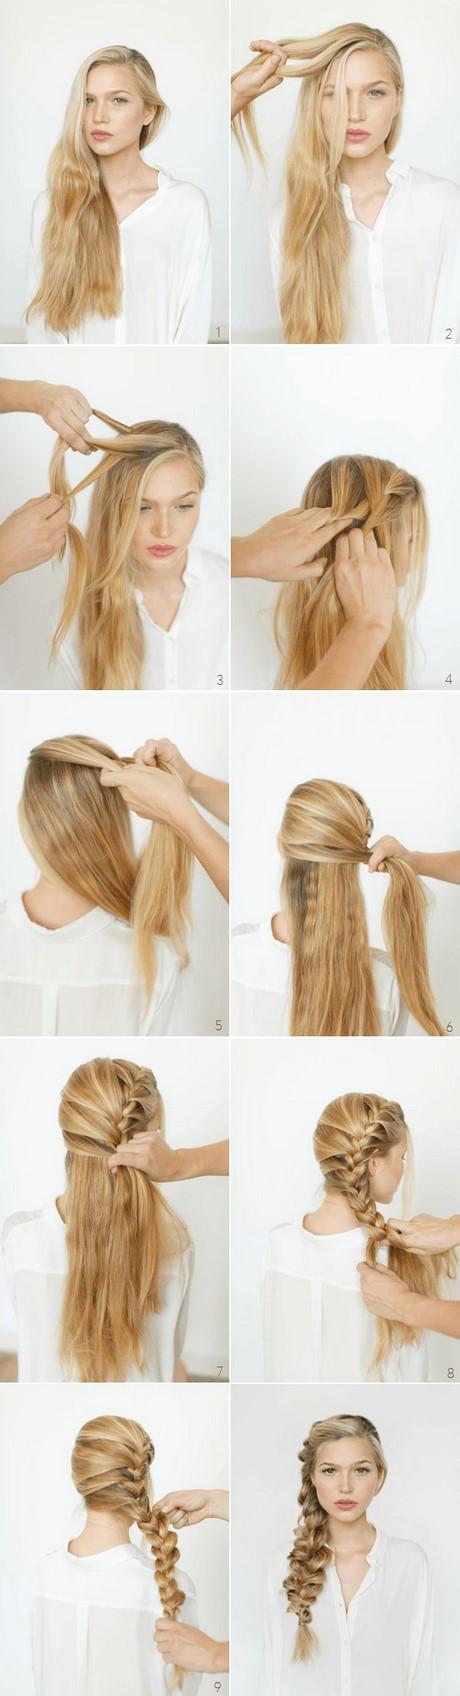 Как сделать себе причёску на длинные волосы с чёлкой